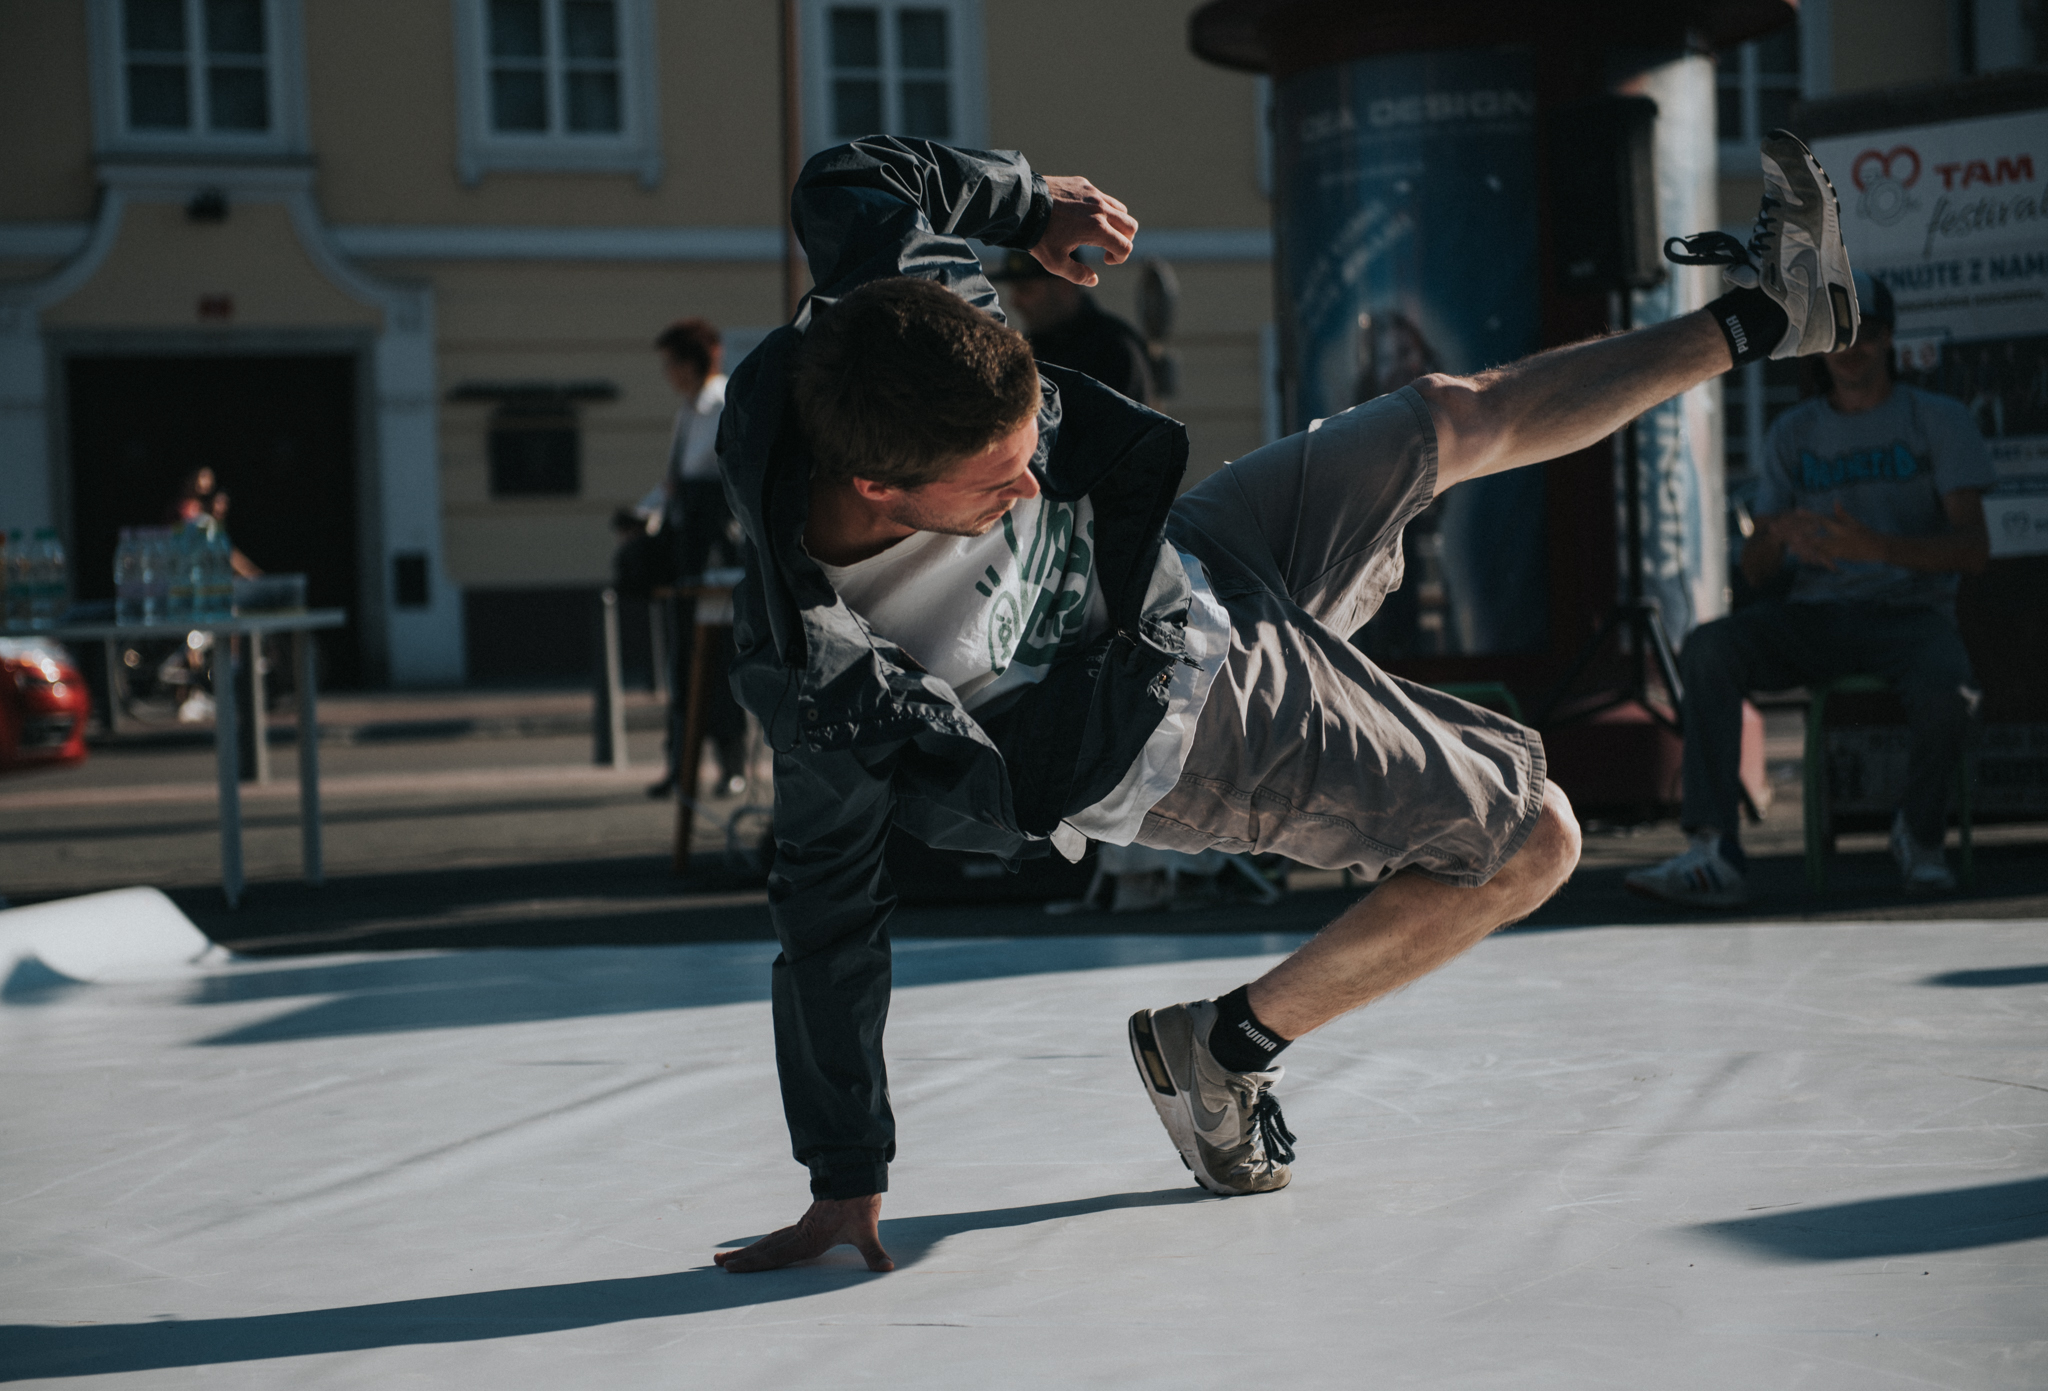 Gregor_Salobir-18.jpg